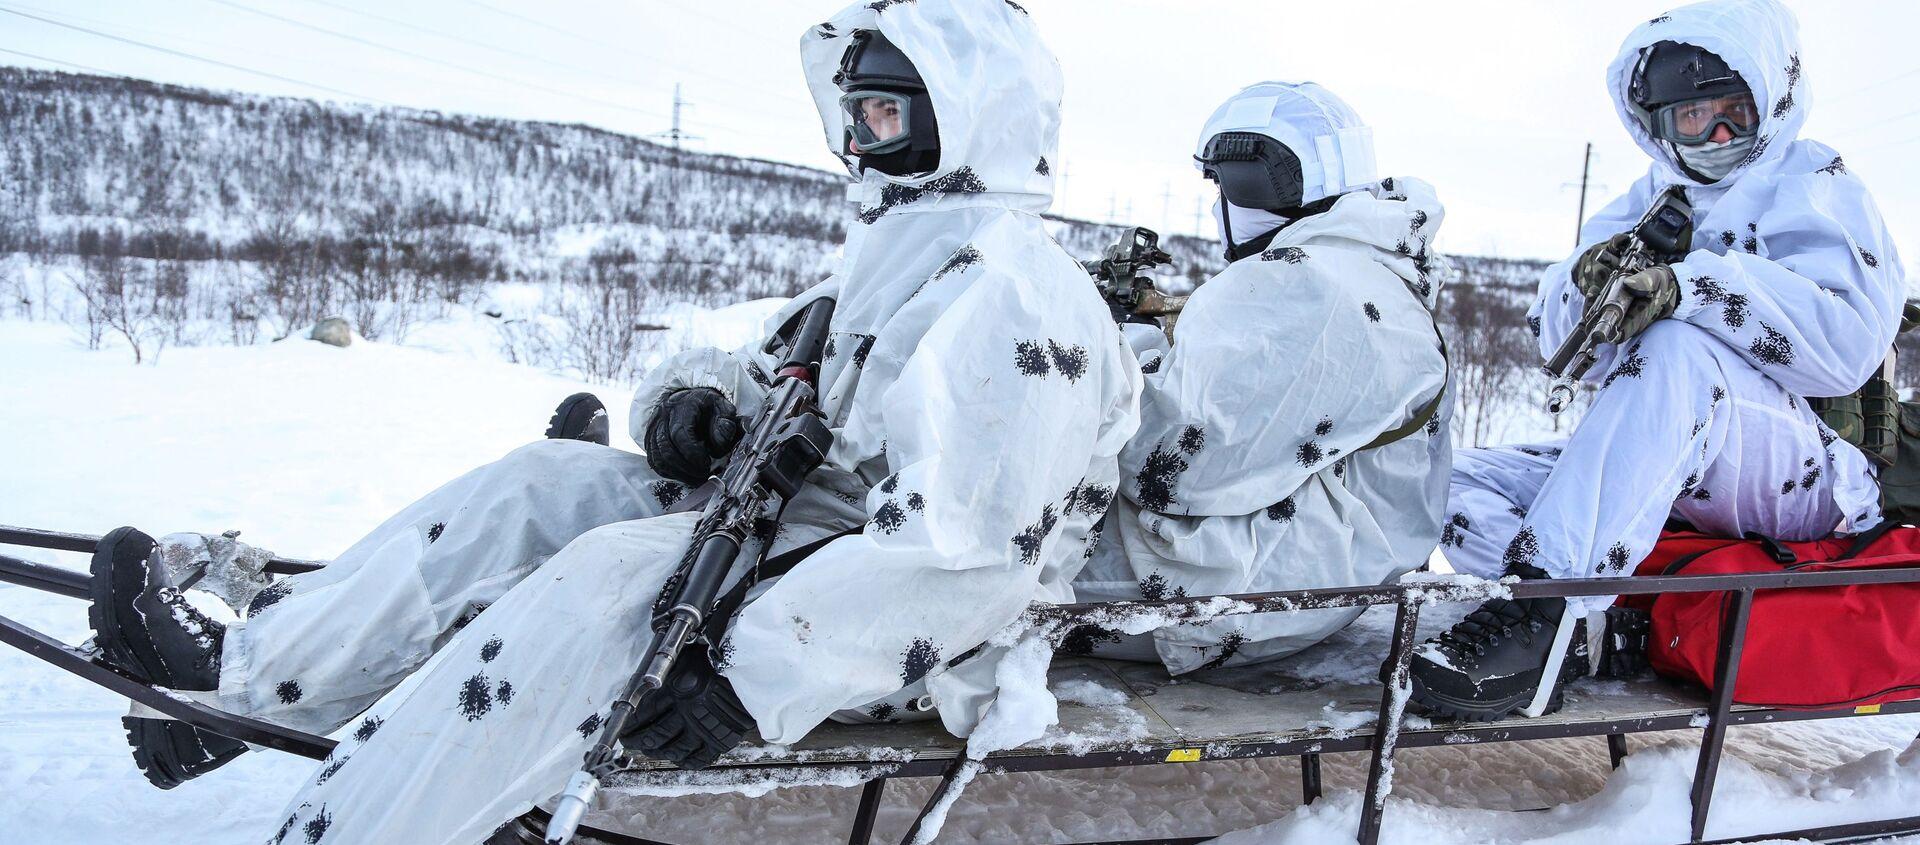 Rosgwardia zakończyła przygotowywanie personelu przed ćwiczeniami w Arktyce - Sputnik Polska, 1920, 17.05.2021